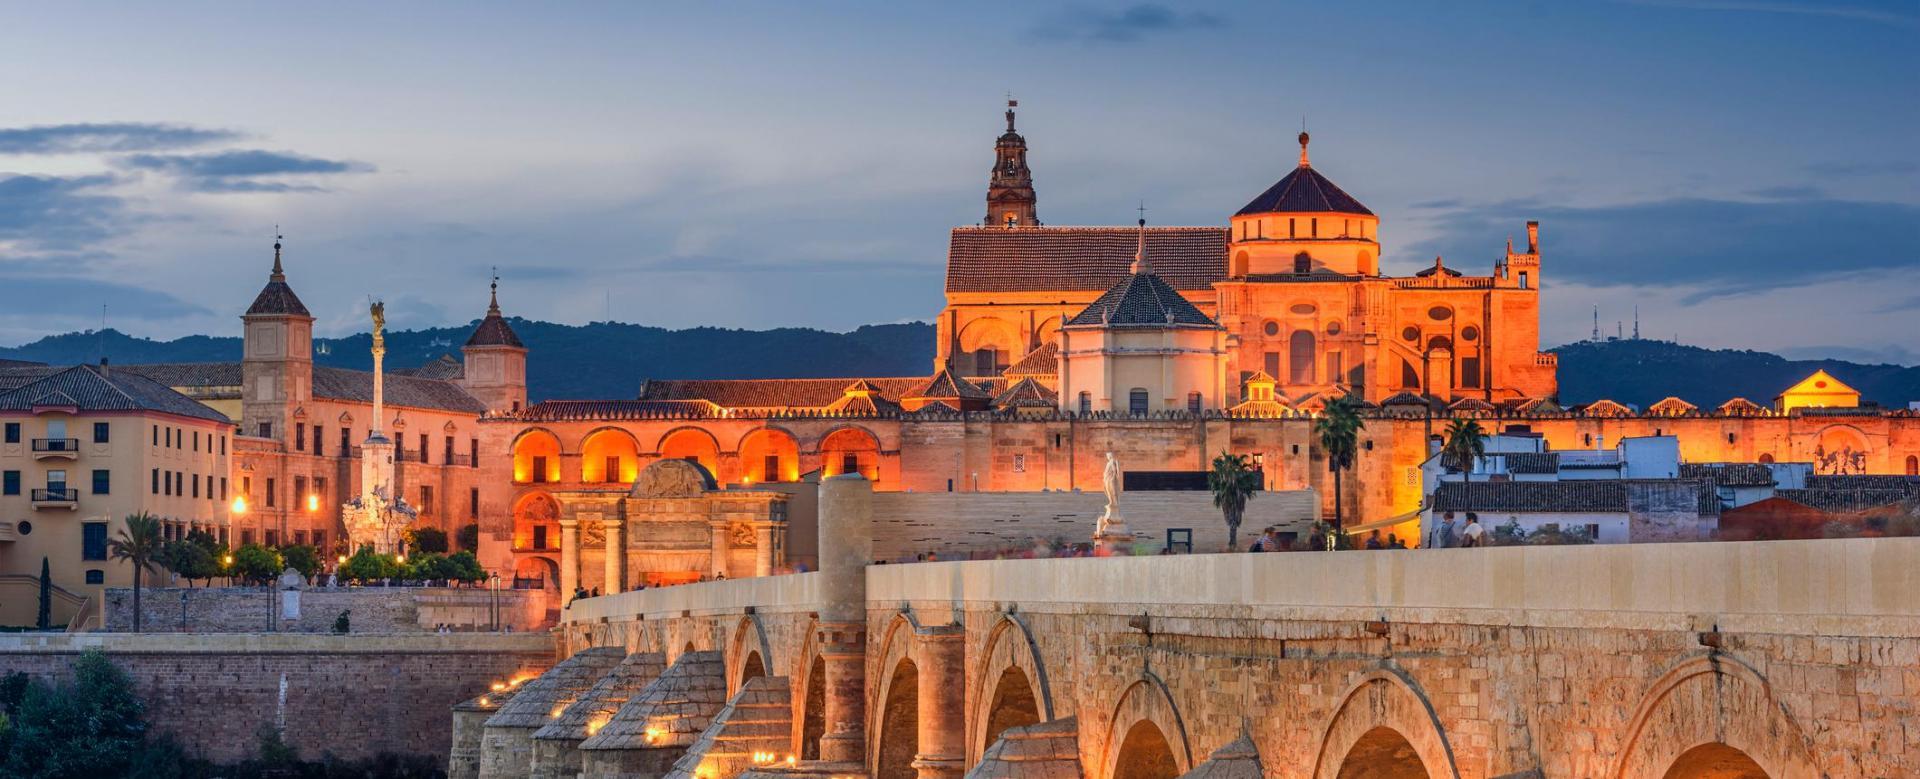 Voyage à pied Espagne : Andalousie : de cordoue à grenade